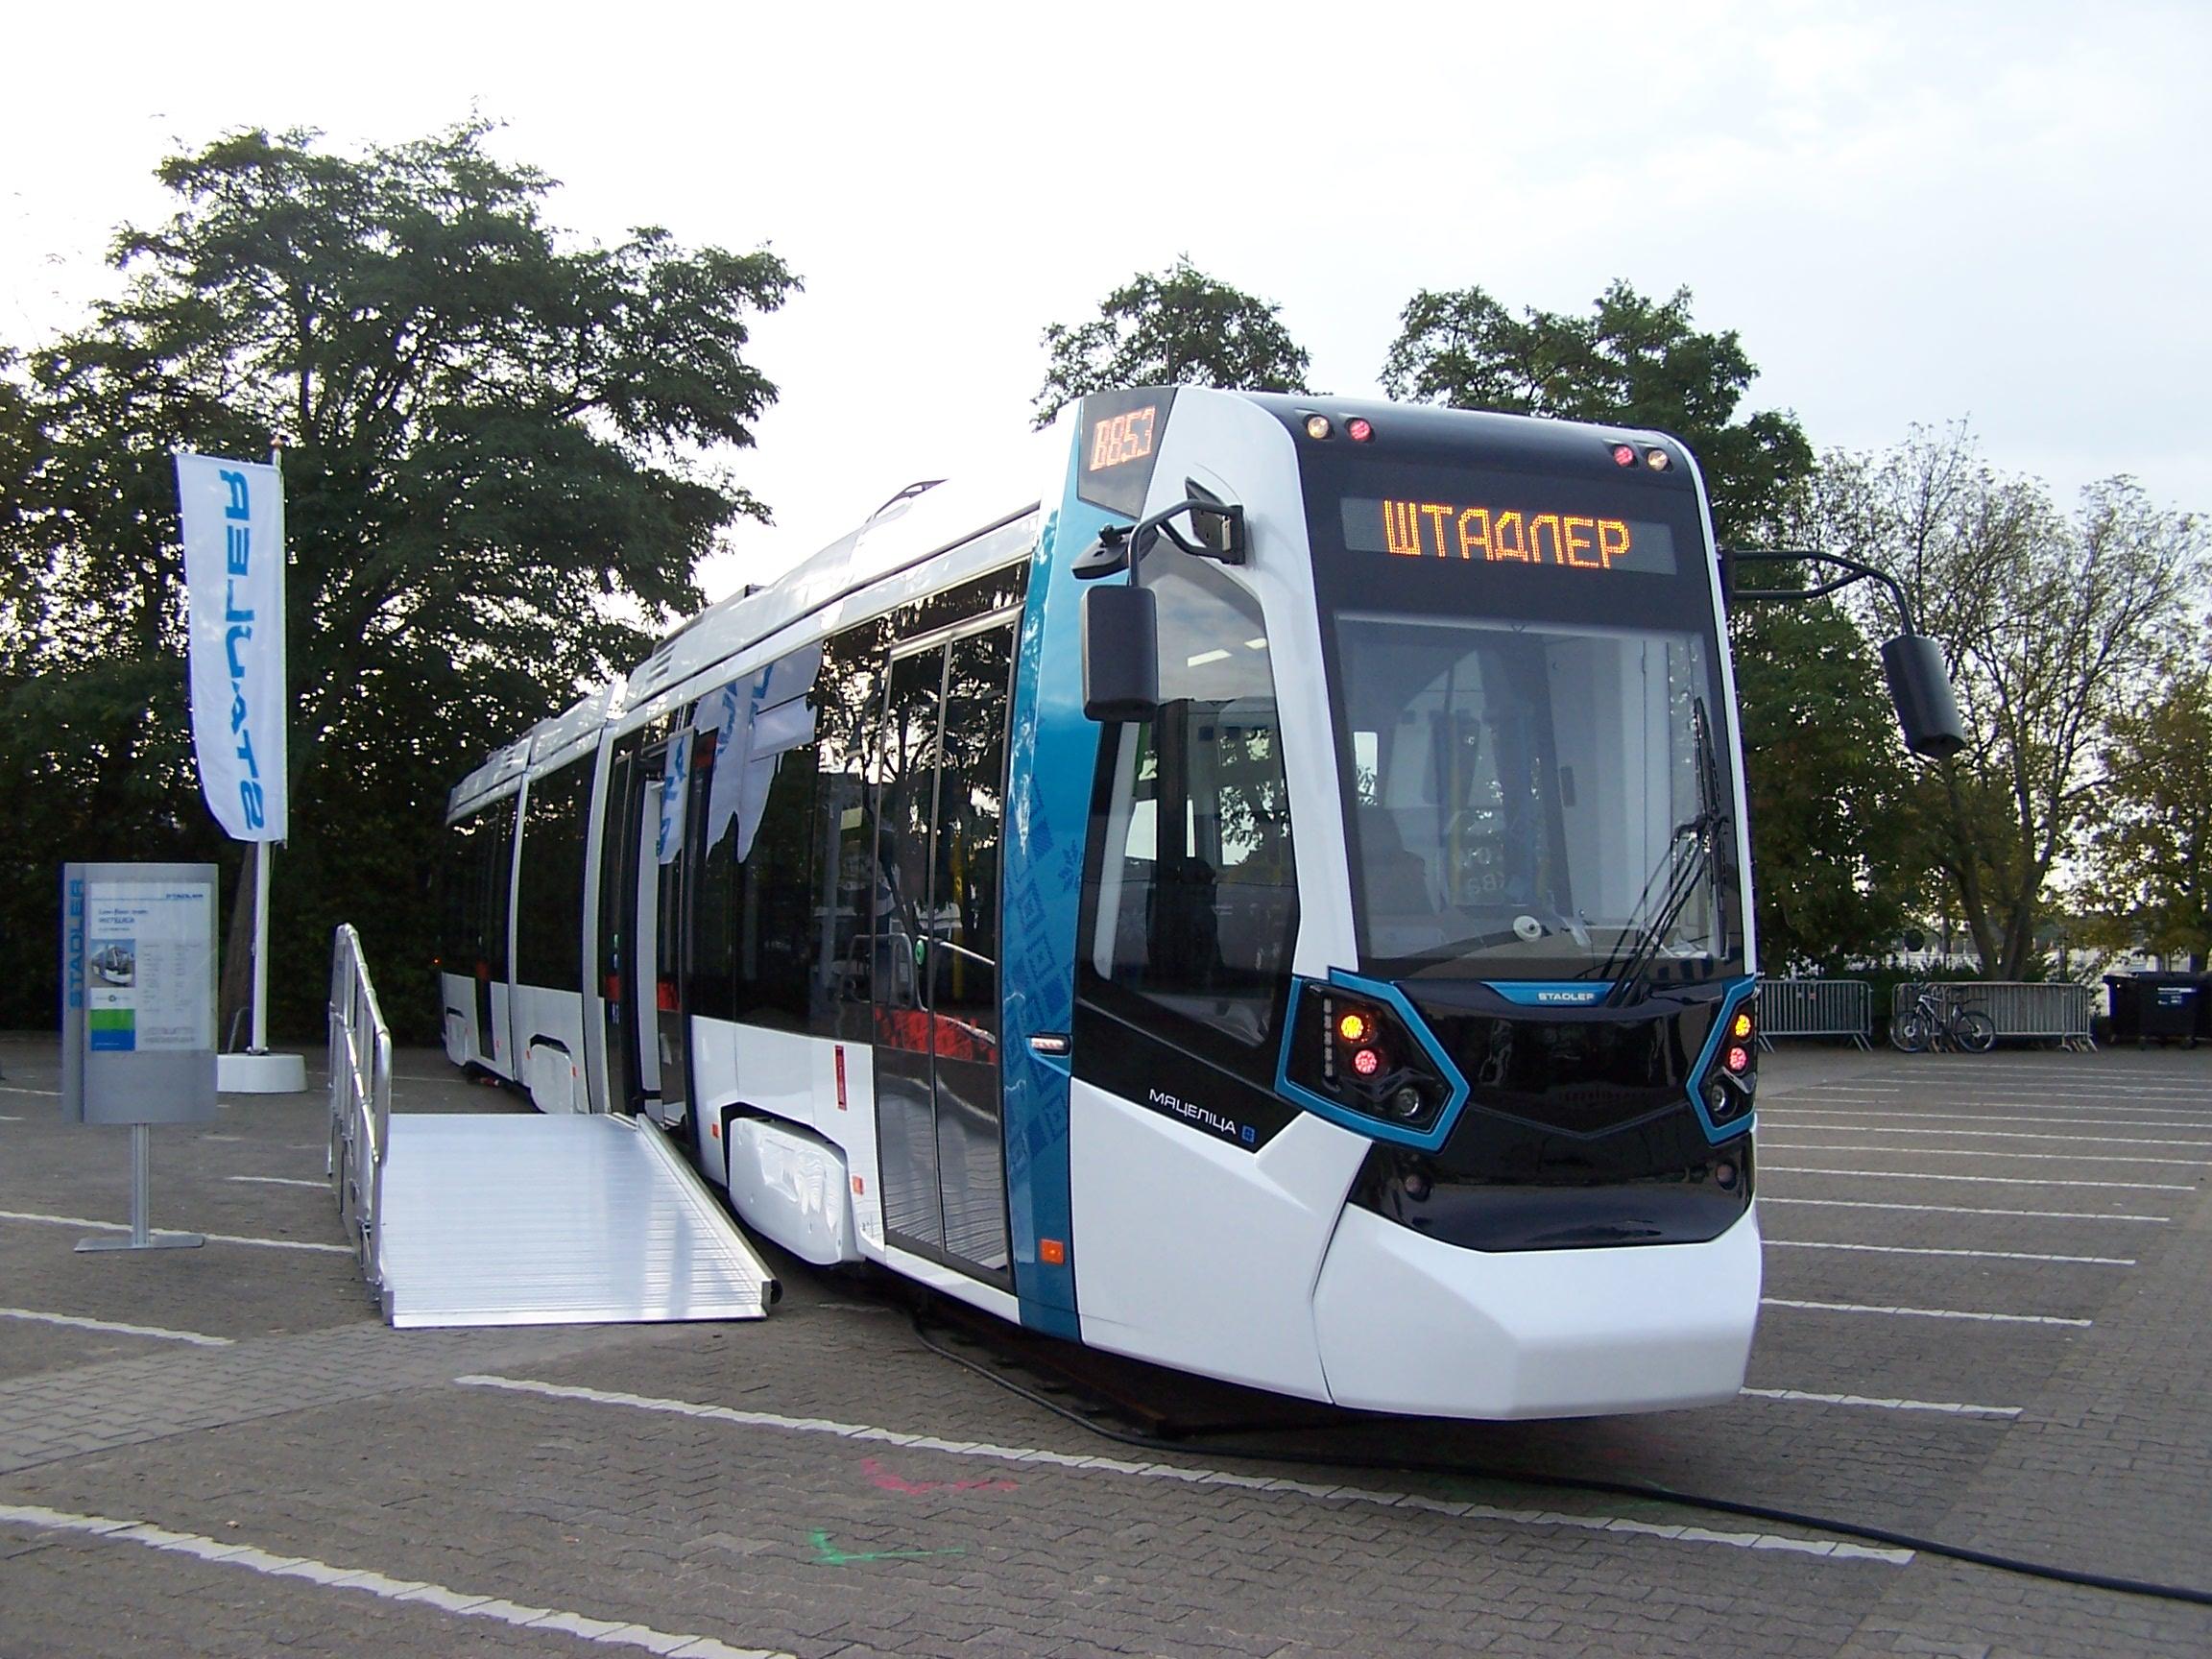 Nové tramvaje do Ostravy by měl dodat běloruský závod Stadleru. (zdroj: Wikipeida.org)